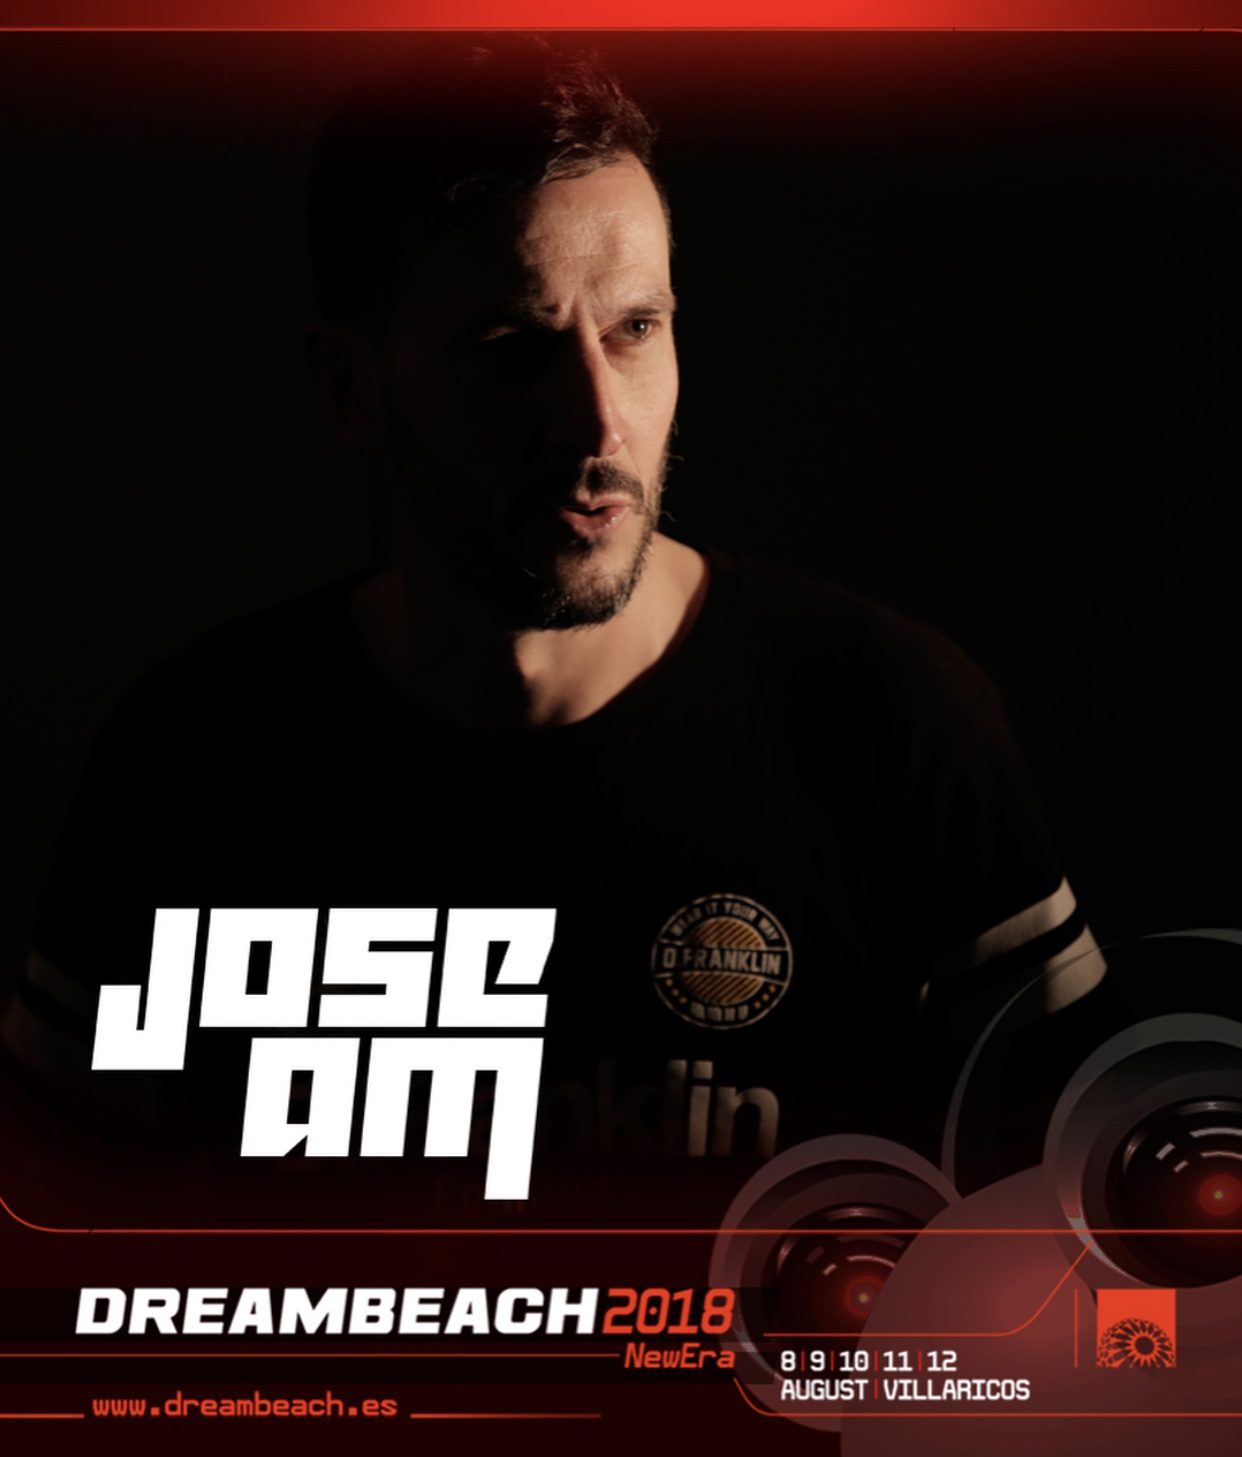 La bienvenida y la pool party de Dreambeach 2018 tendrá sabor a Máxima FM